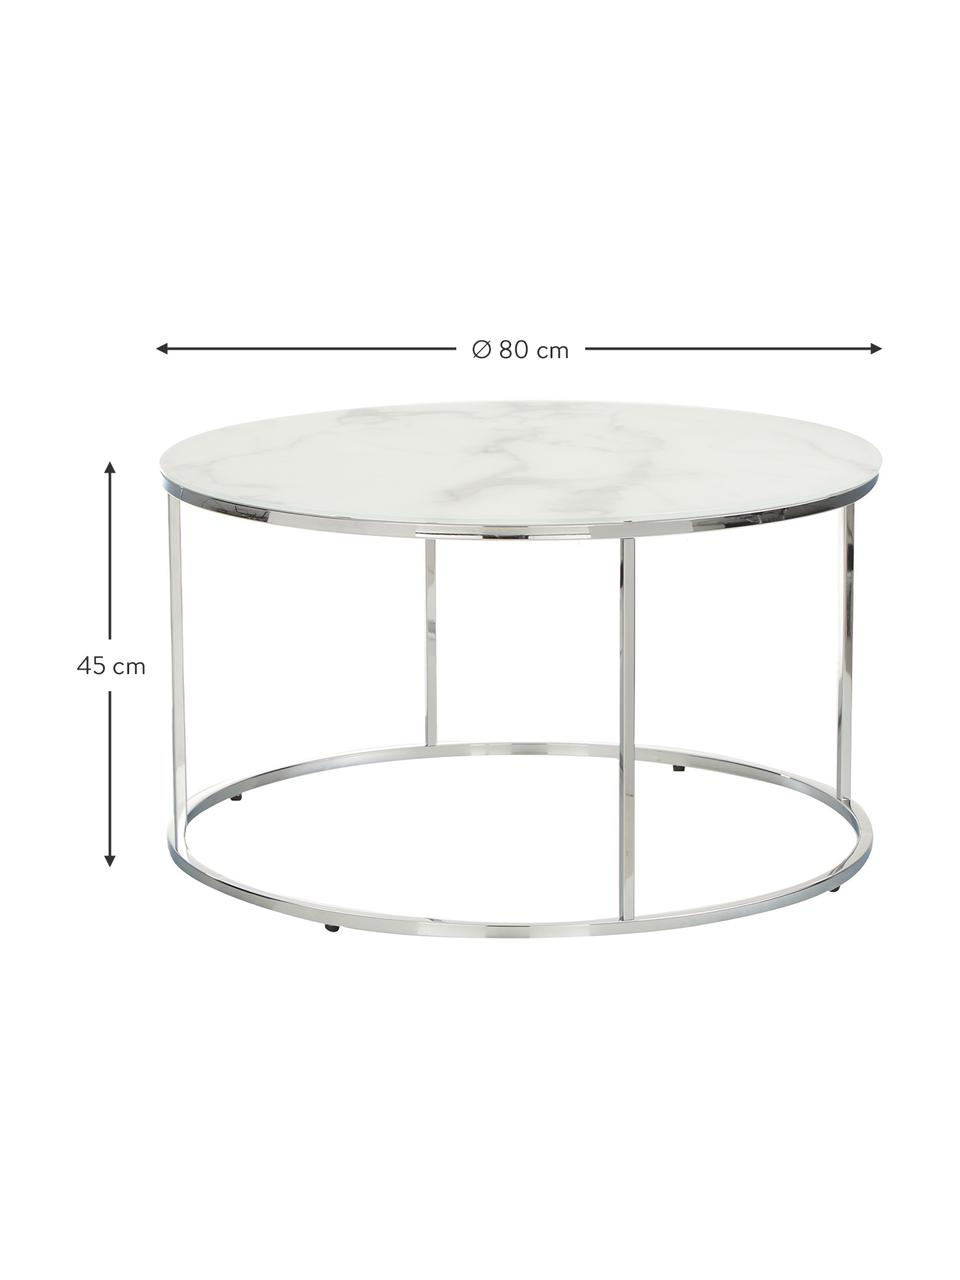 Tavolino da salotto con piano in vetro effetto marmo Antigua, Struttura: acciaio cromato, Bianco-grigio marmorizzato, argentato, Ø 80 x Alt. 45 cm